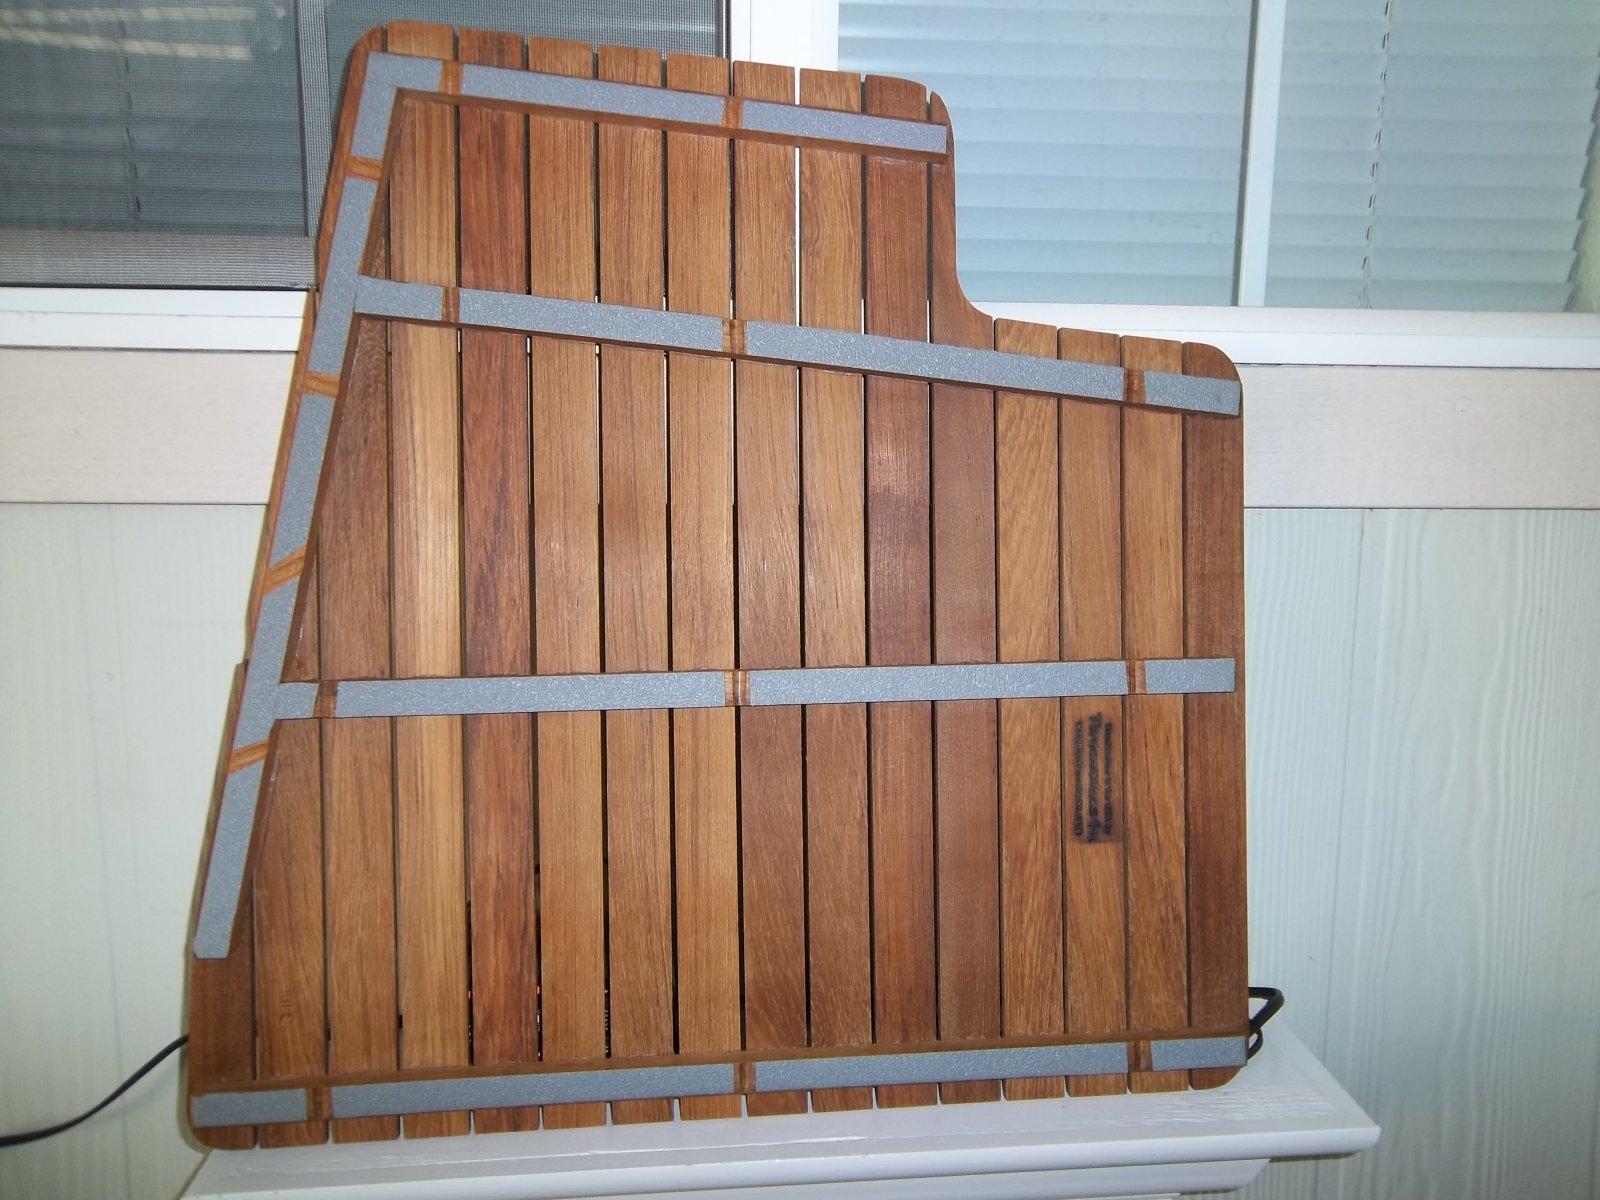 teak x shower floor mat bath insert ideas sizing for flooring with mats wood wooden